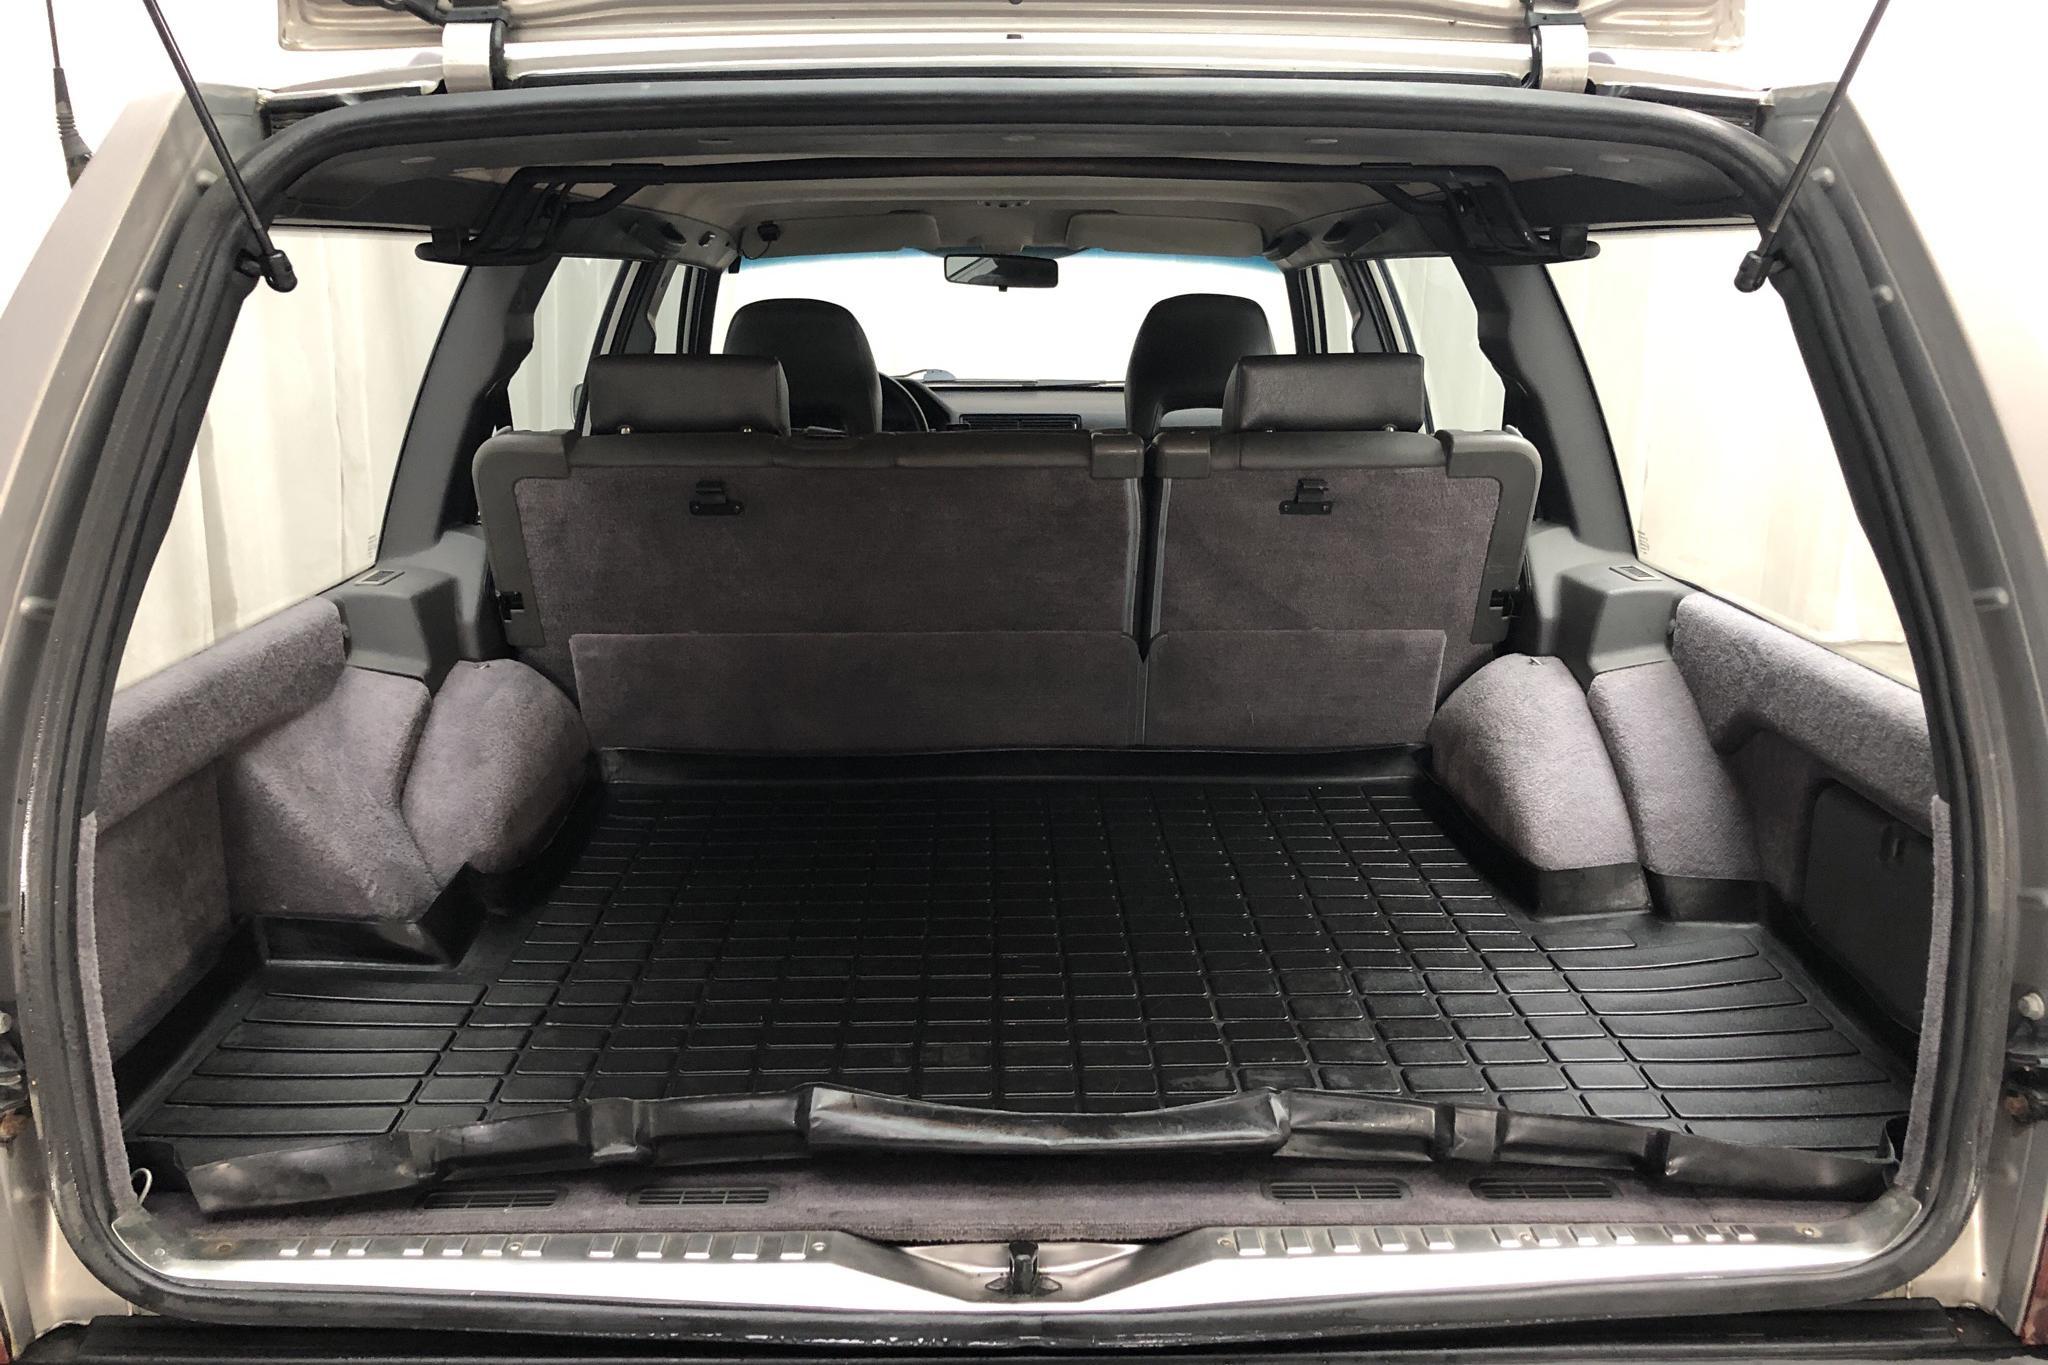 Volvo 945 2.3 (135hk) - 21 879 mil - Manuell - grå - 1995